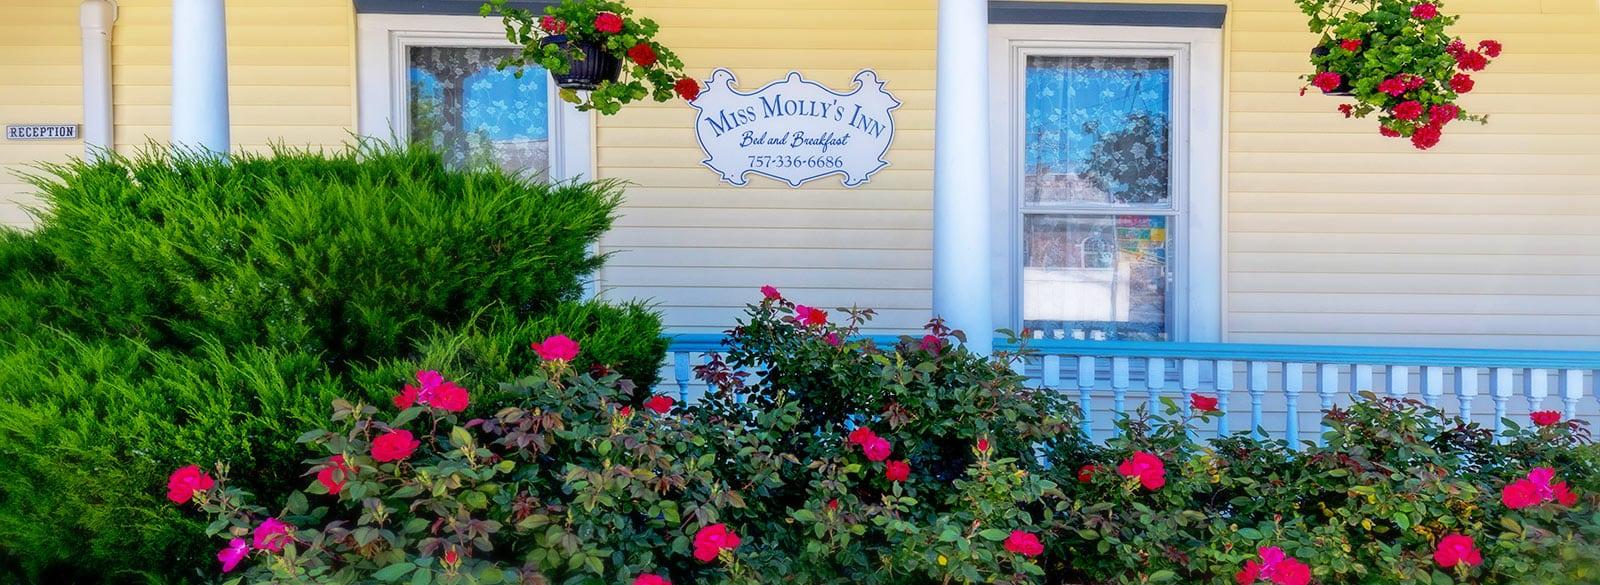 Miss Molly's Inn